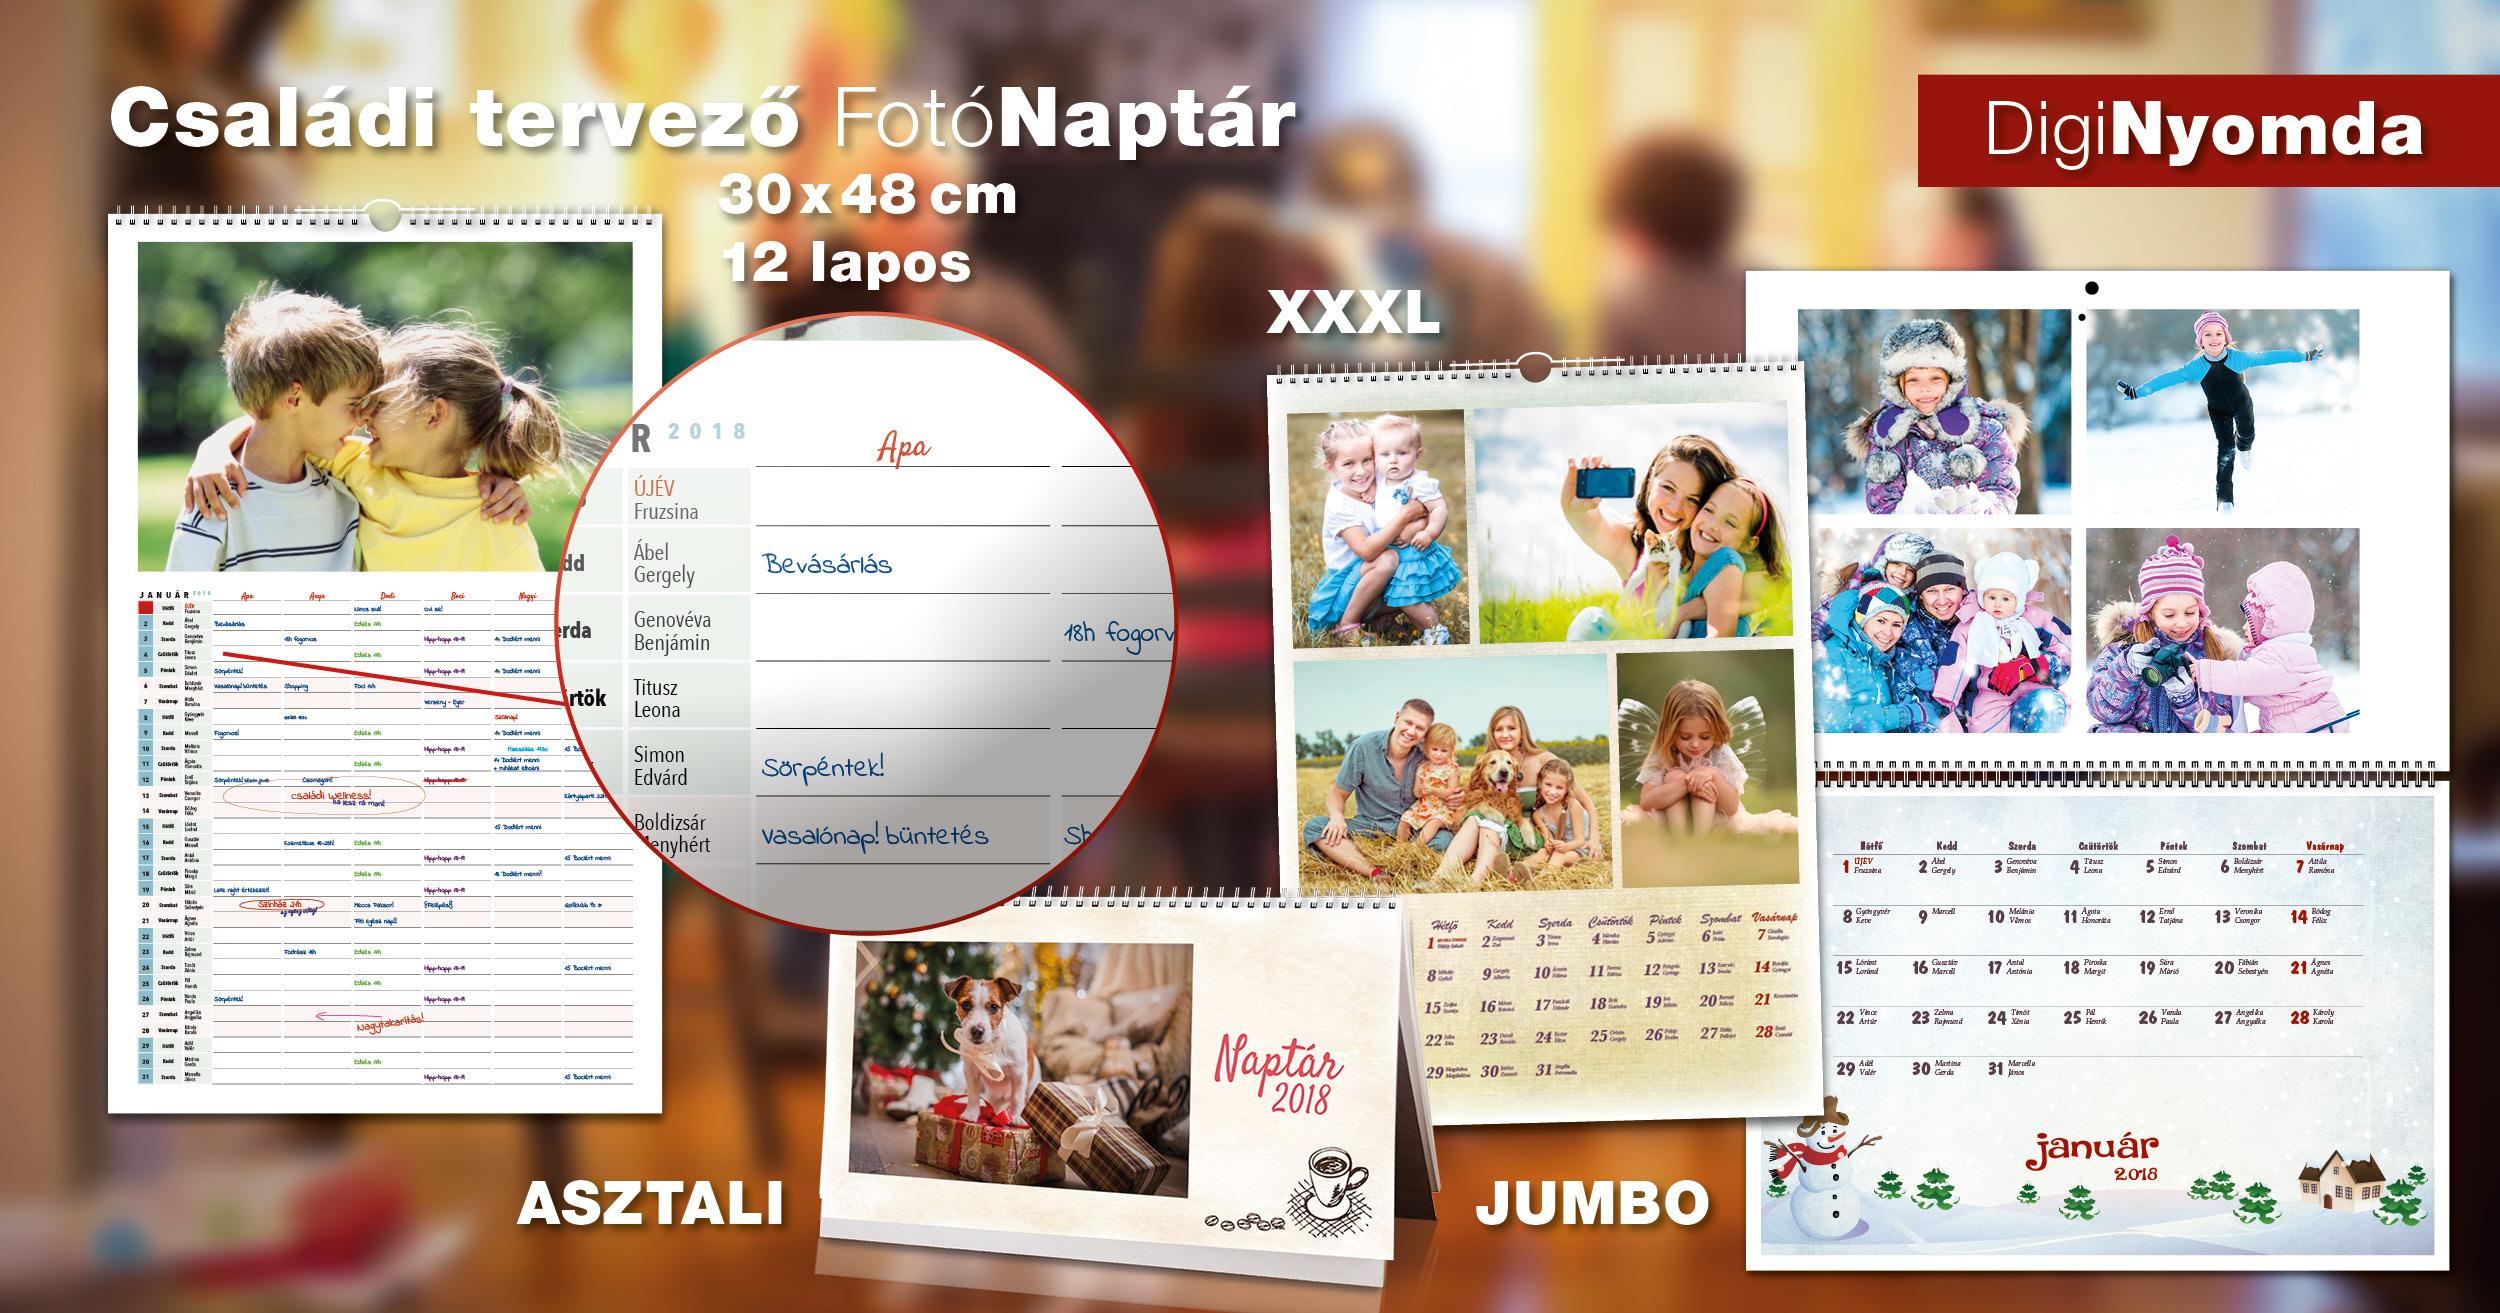 DigiNyomda 2018-as fotó naptár termékek